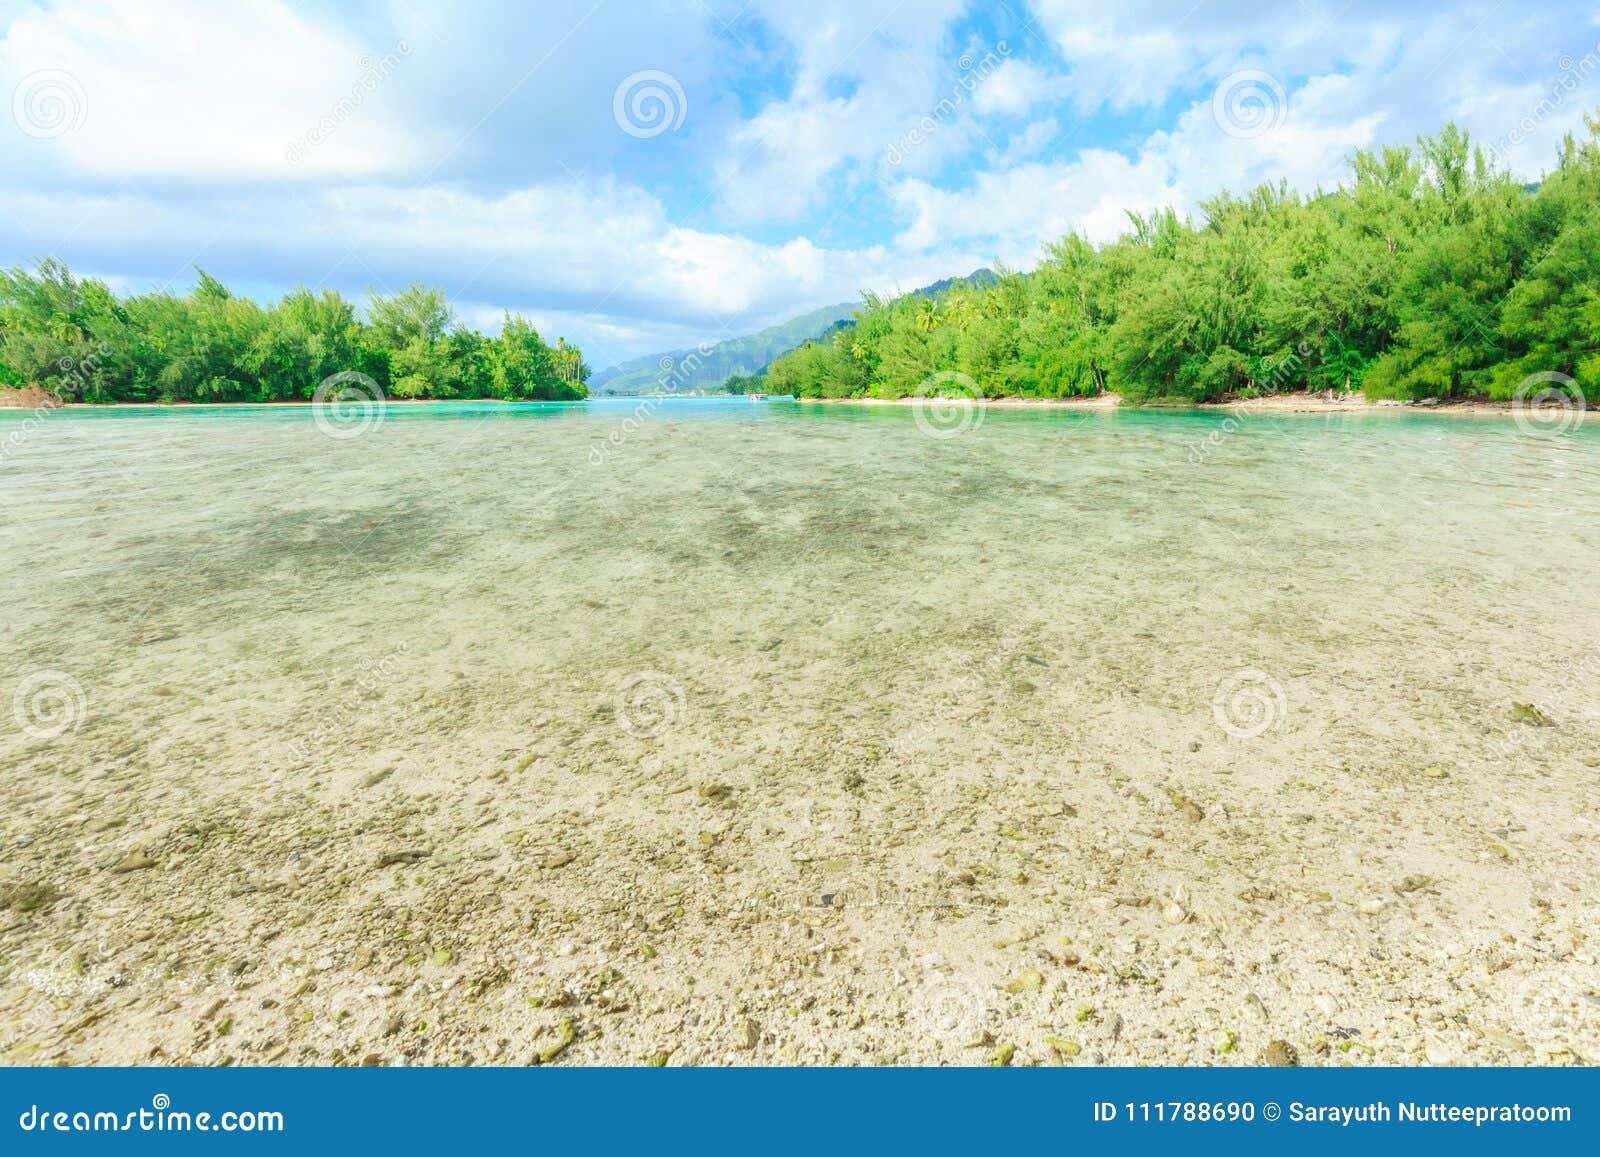 Das schöne Meer und der Erholungsort in Moorae-Insel bei Tahiti